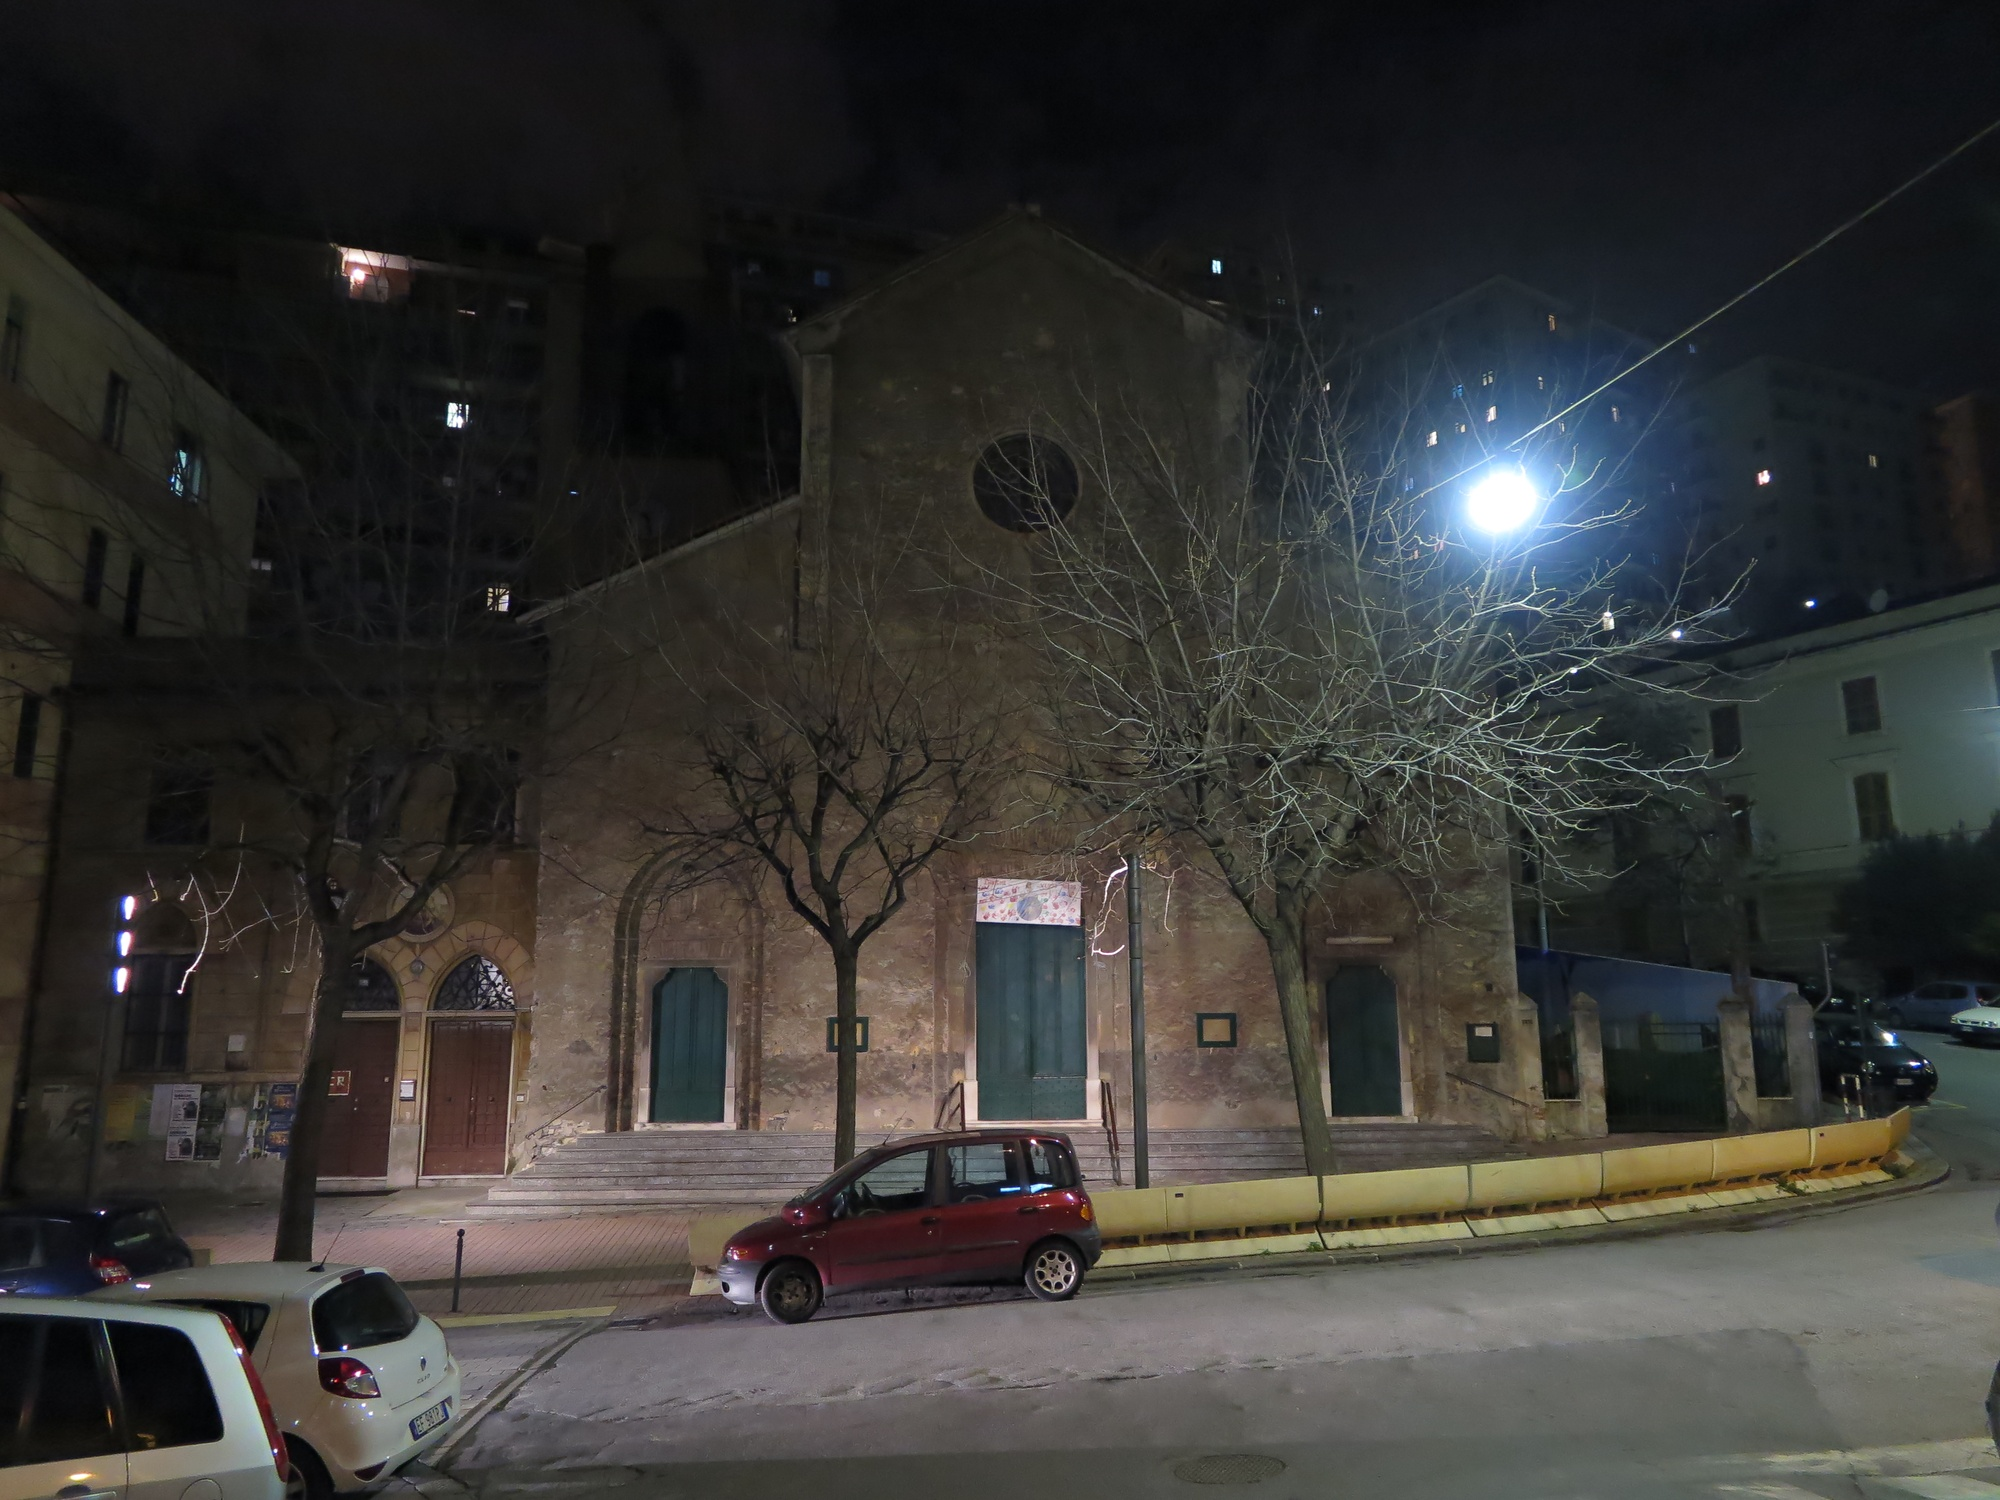 chiesa-esterno-notte-2016-03-07-22-28-31